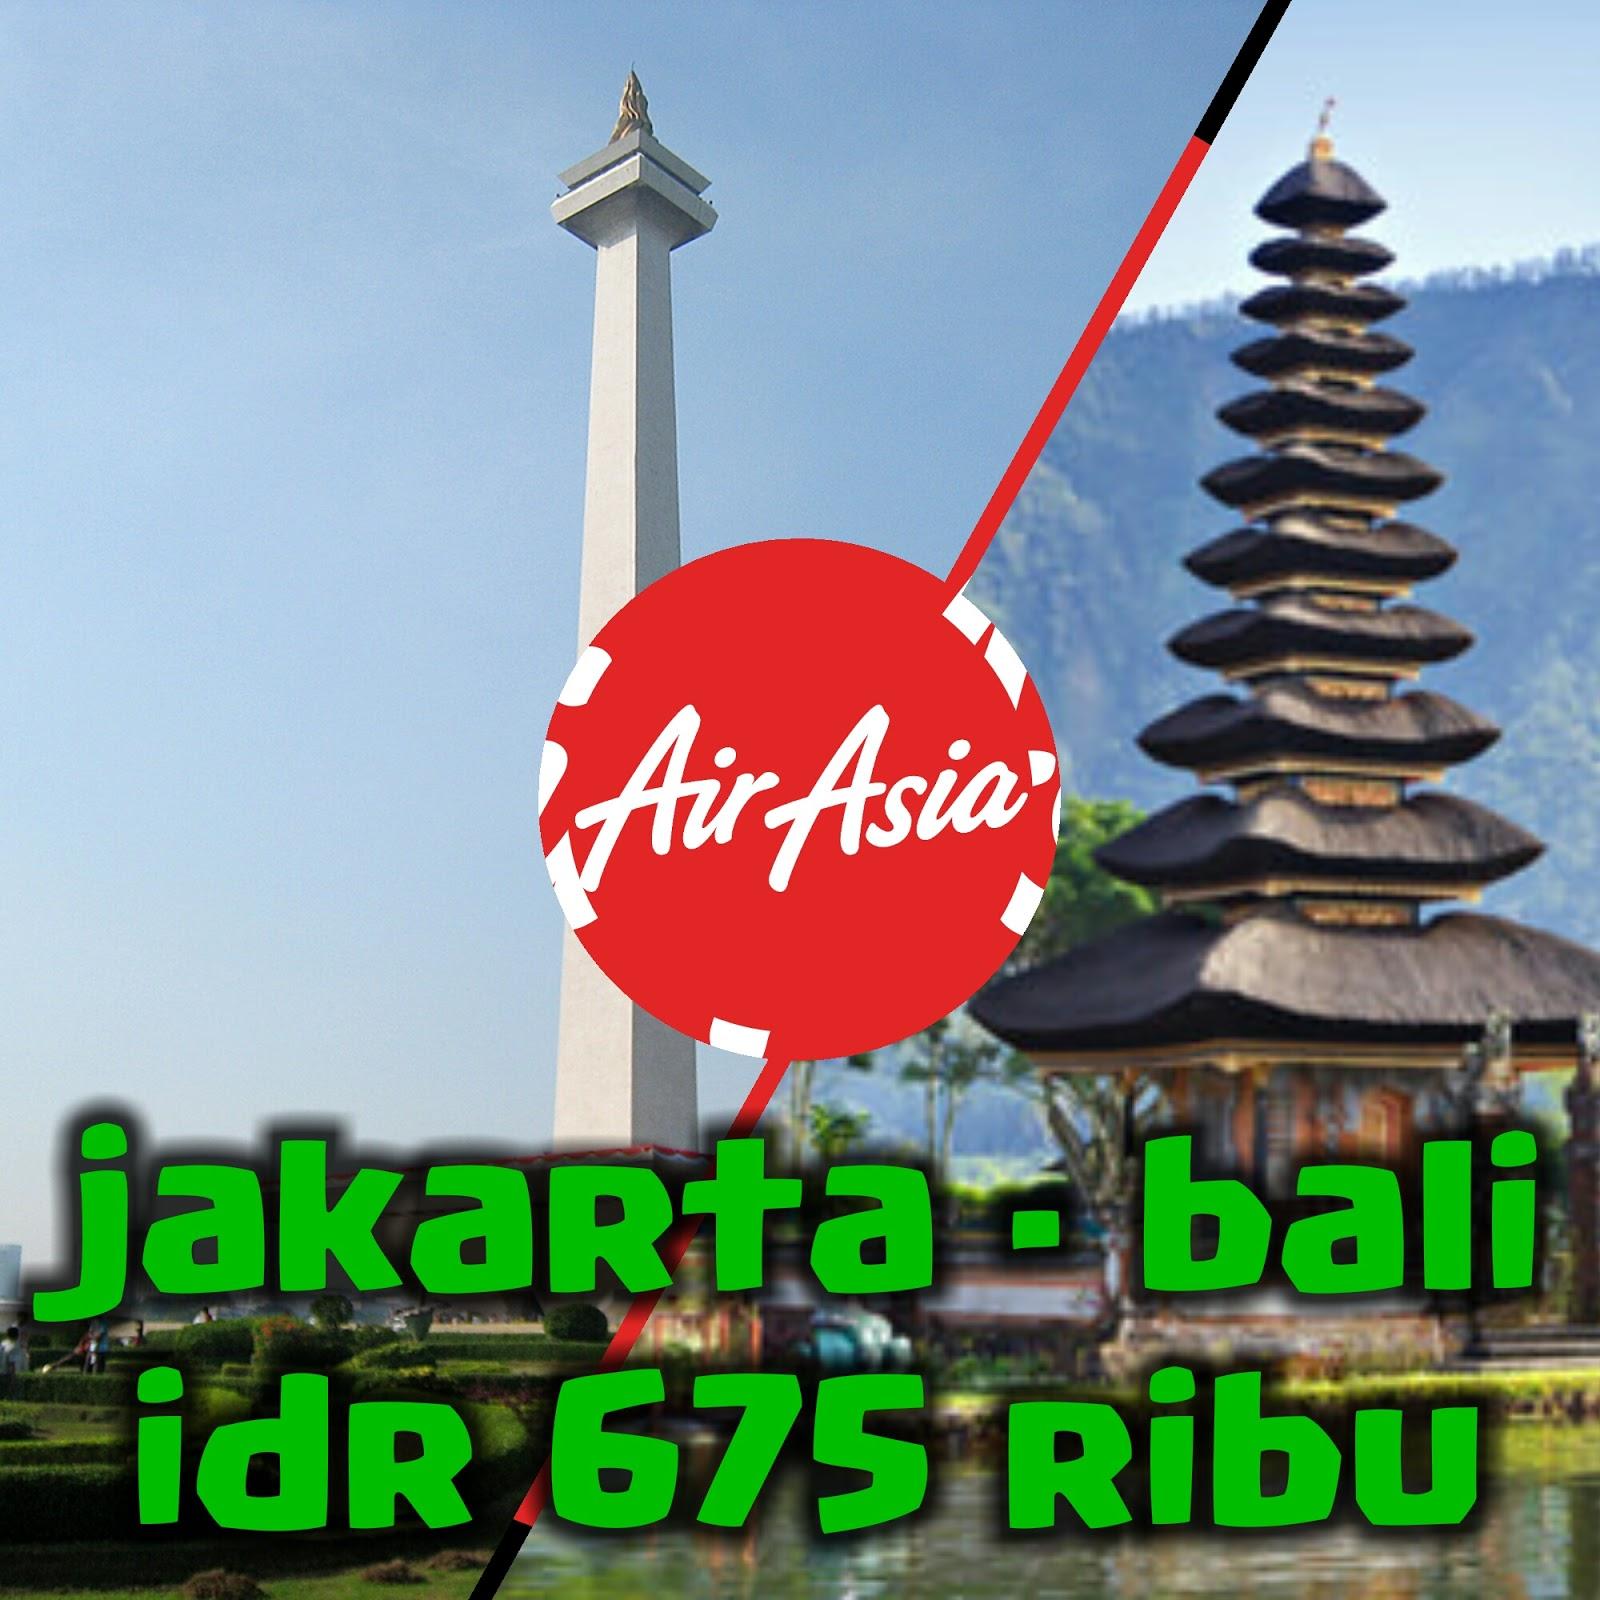 Agen Tiket Pesawat Jual Tiket Pesawat Ke Biro Tiket Jakarta Gerai Promo Tiket Biro Tiket Jakarta Agen Tiket Pesawat Jual Tiket Pesawat Ke Gerai Promo Tiket